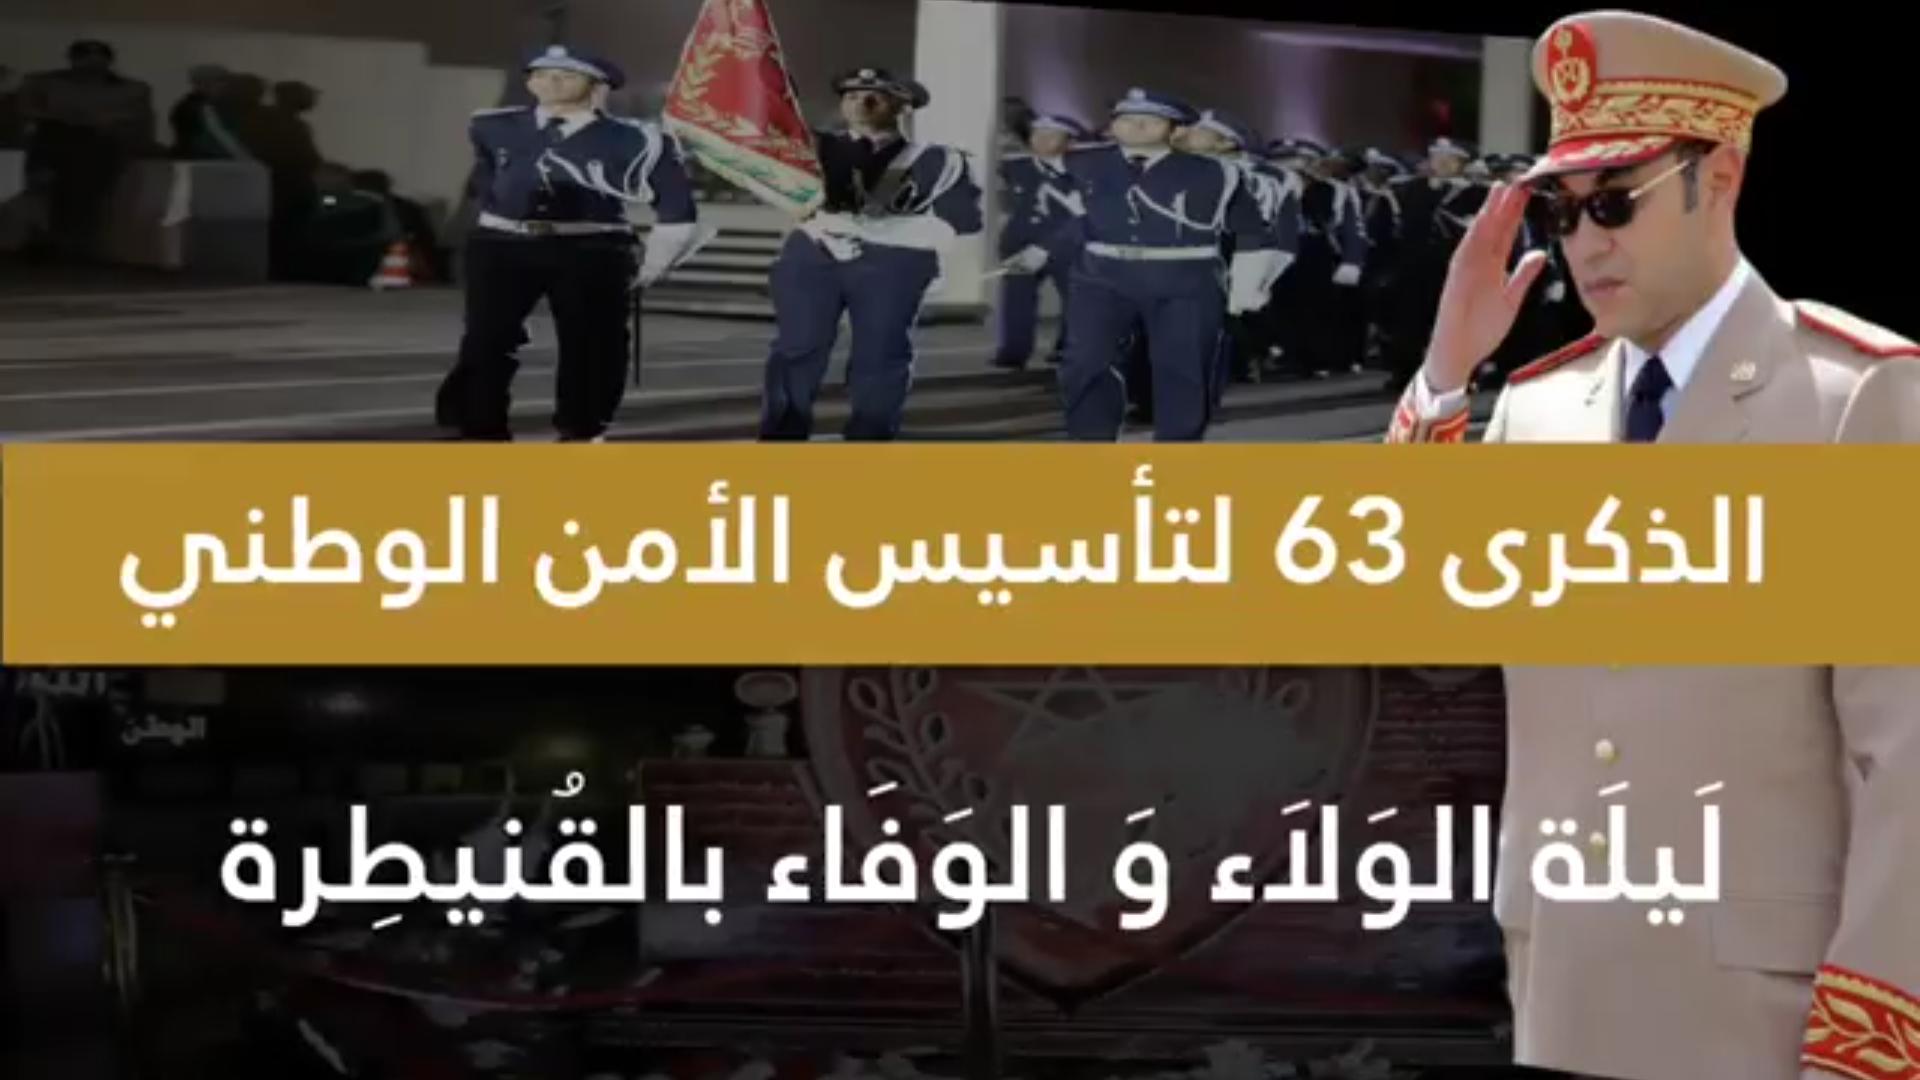 بالفيديو… الذكرى 63 لتأسيس الأمن الوطني برسائل متعددة